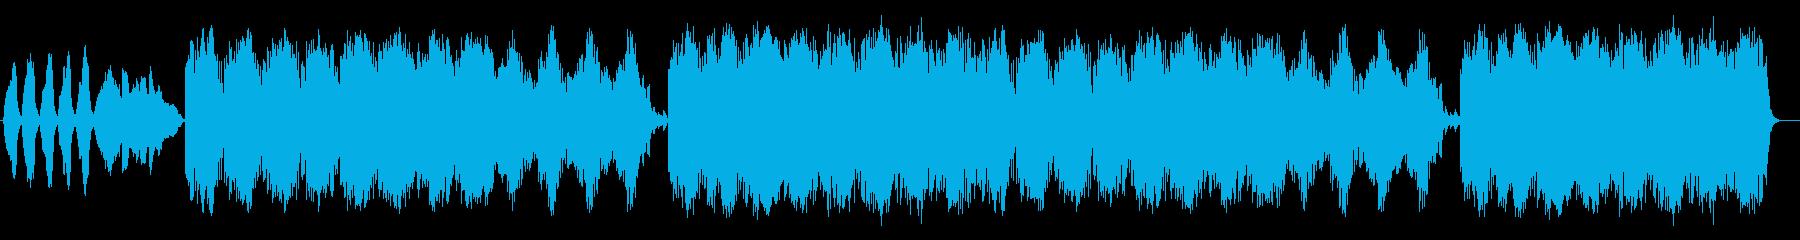 ファンタジーなシンセサイザーサウンドの再生済みの波形